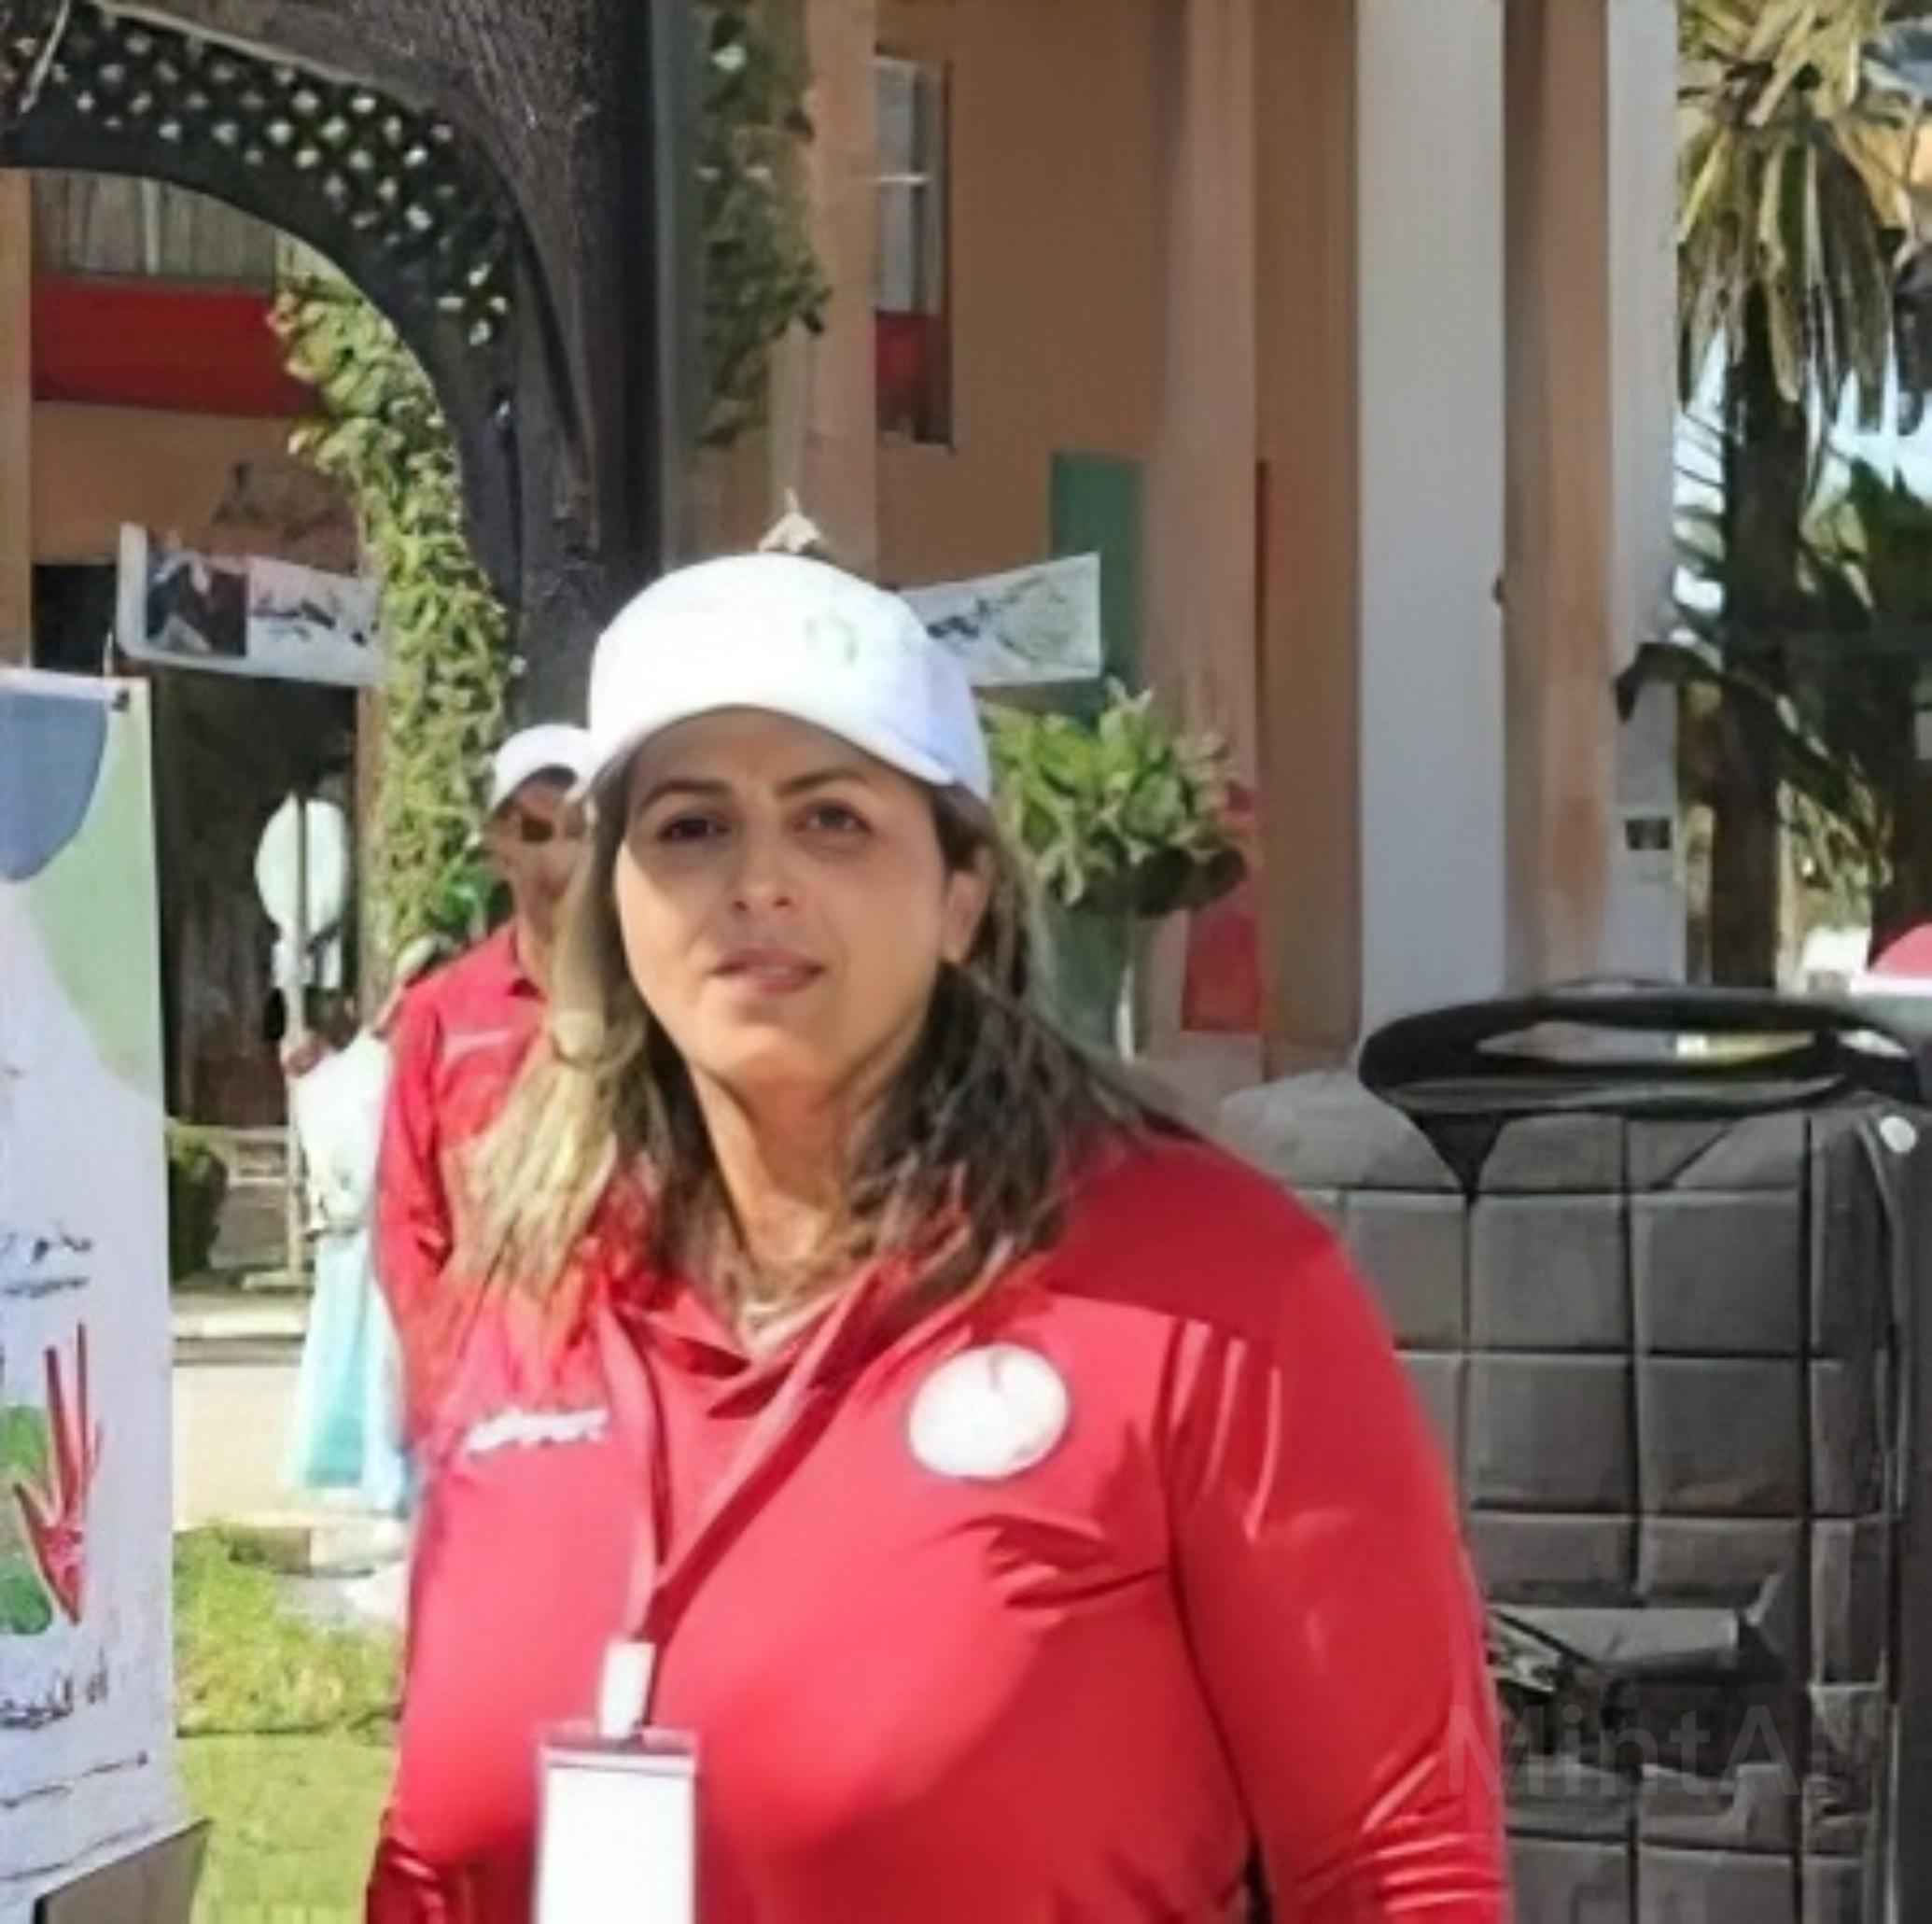 صورة السلاوي تغادر العمل الحزبي و تتجه إلى مجال الصحافي